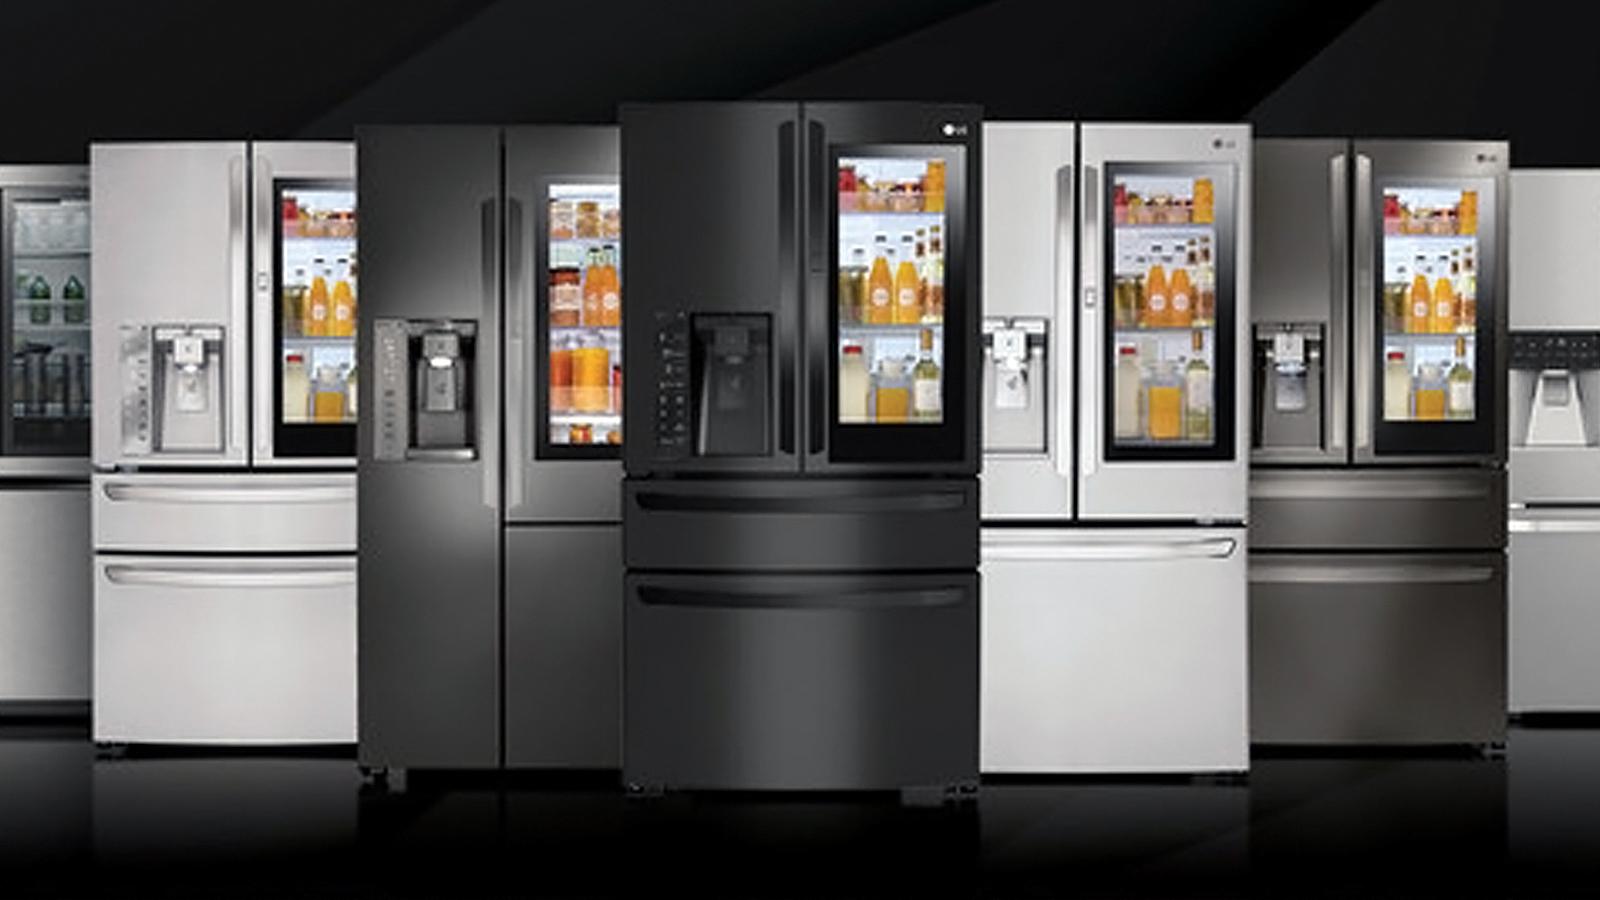 Kühlschrank Lg : Lg erweitert instaview kühlschrank linie